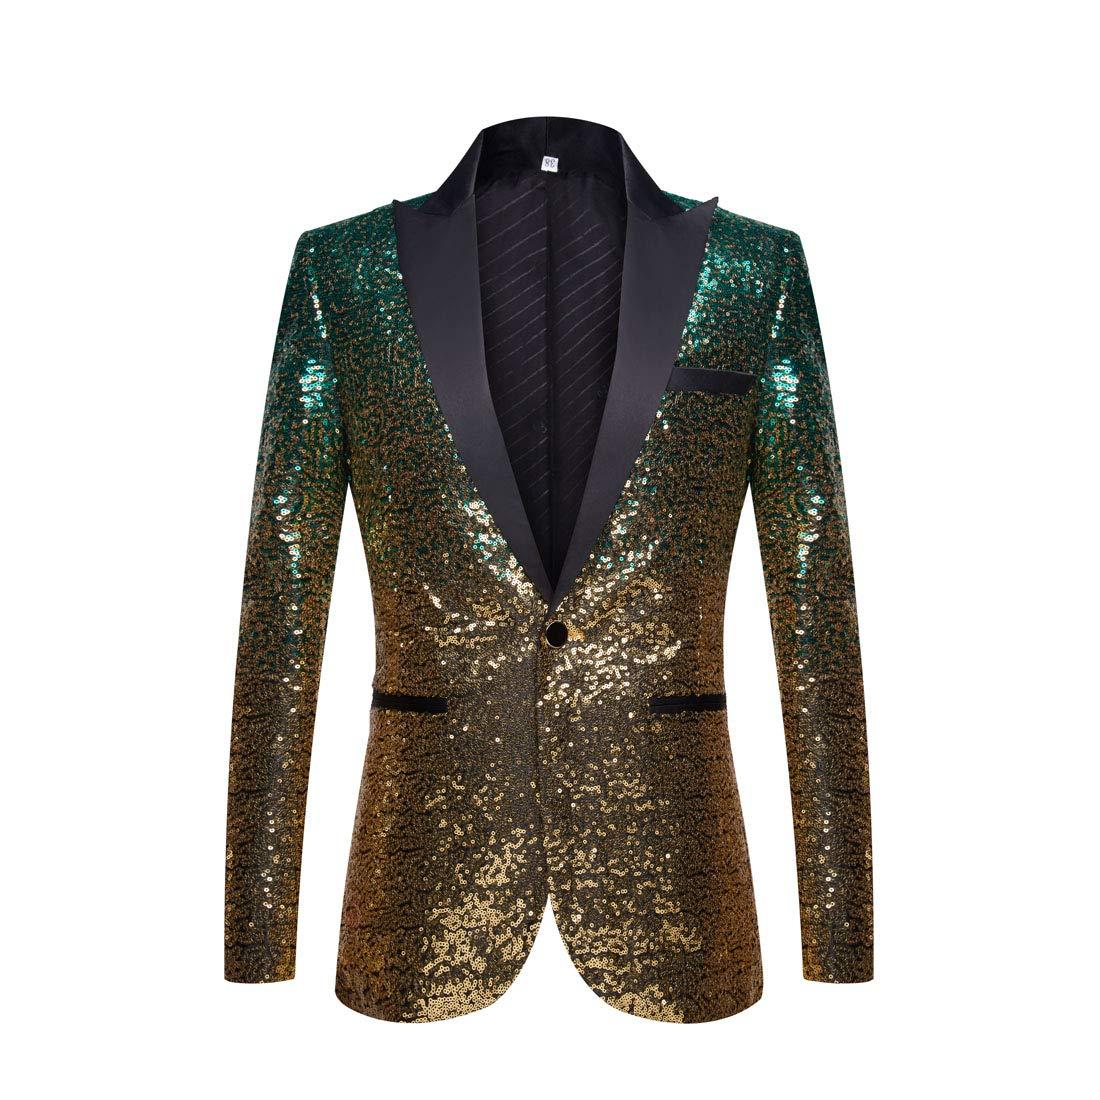 PYJTRL Men Fashion Gradual Change Color Sequins Suit Jacket (Green Gold, US 44R) by PYJTRL